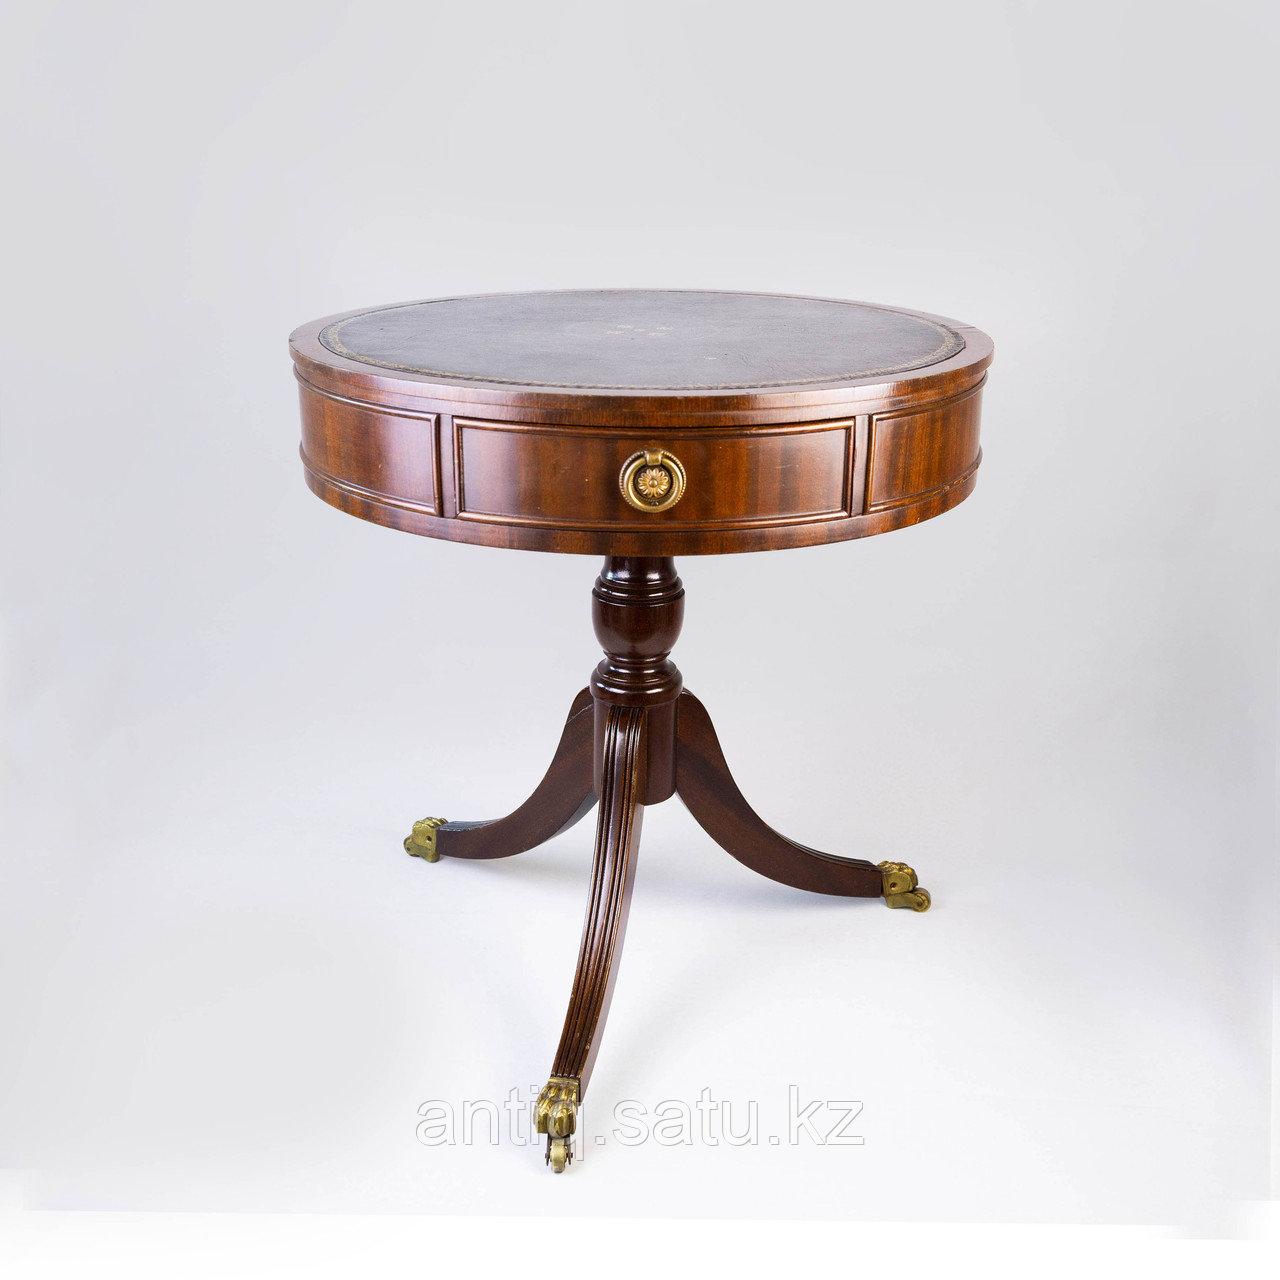 Английский чайный столик. - фото 2